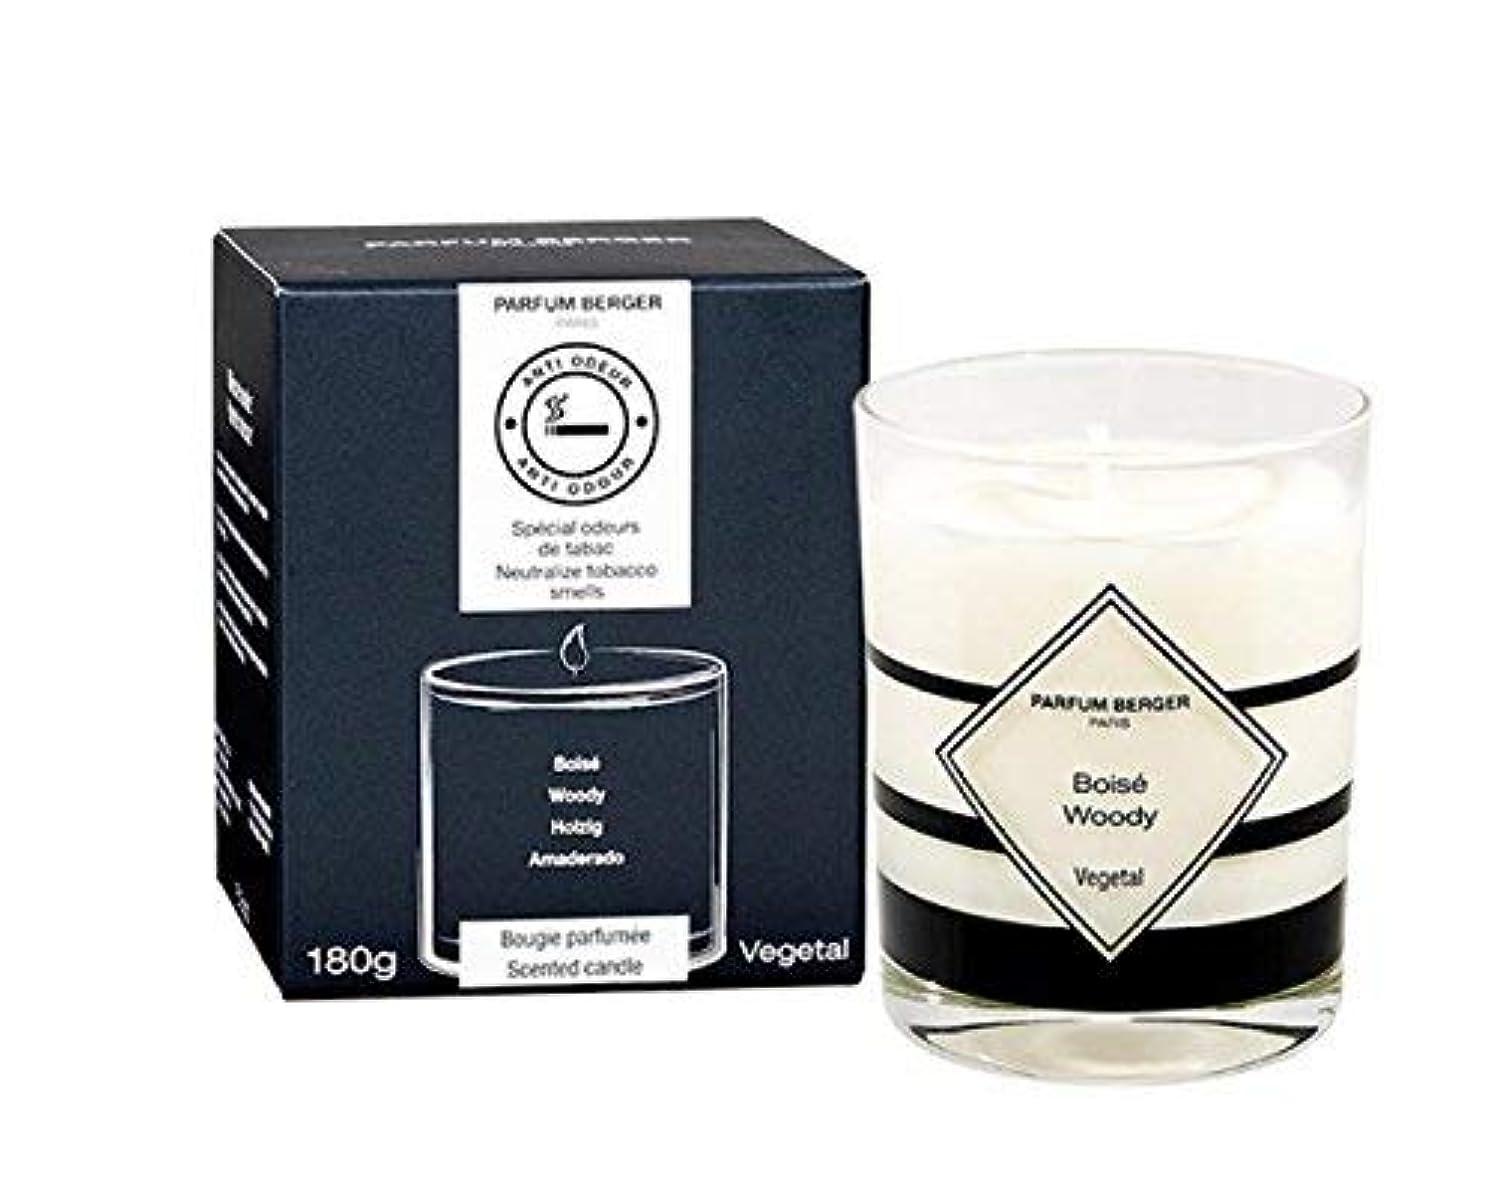 いつもスカリー却下するParfum Berger/Lampe Berger Anti-Tobacco smell candle (10 x 10 x 10 cm, white glass